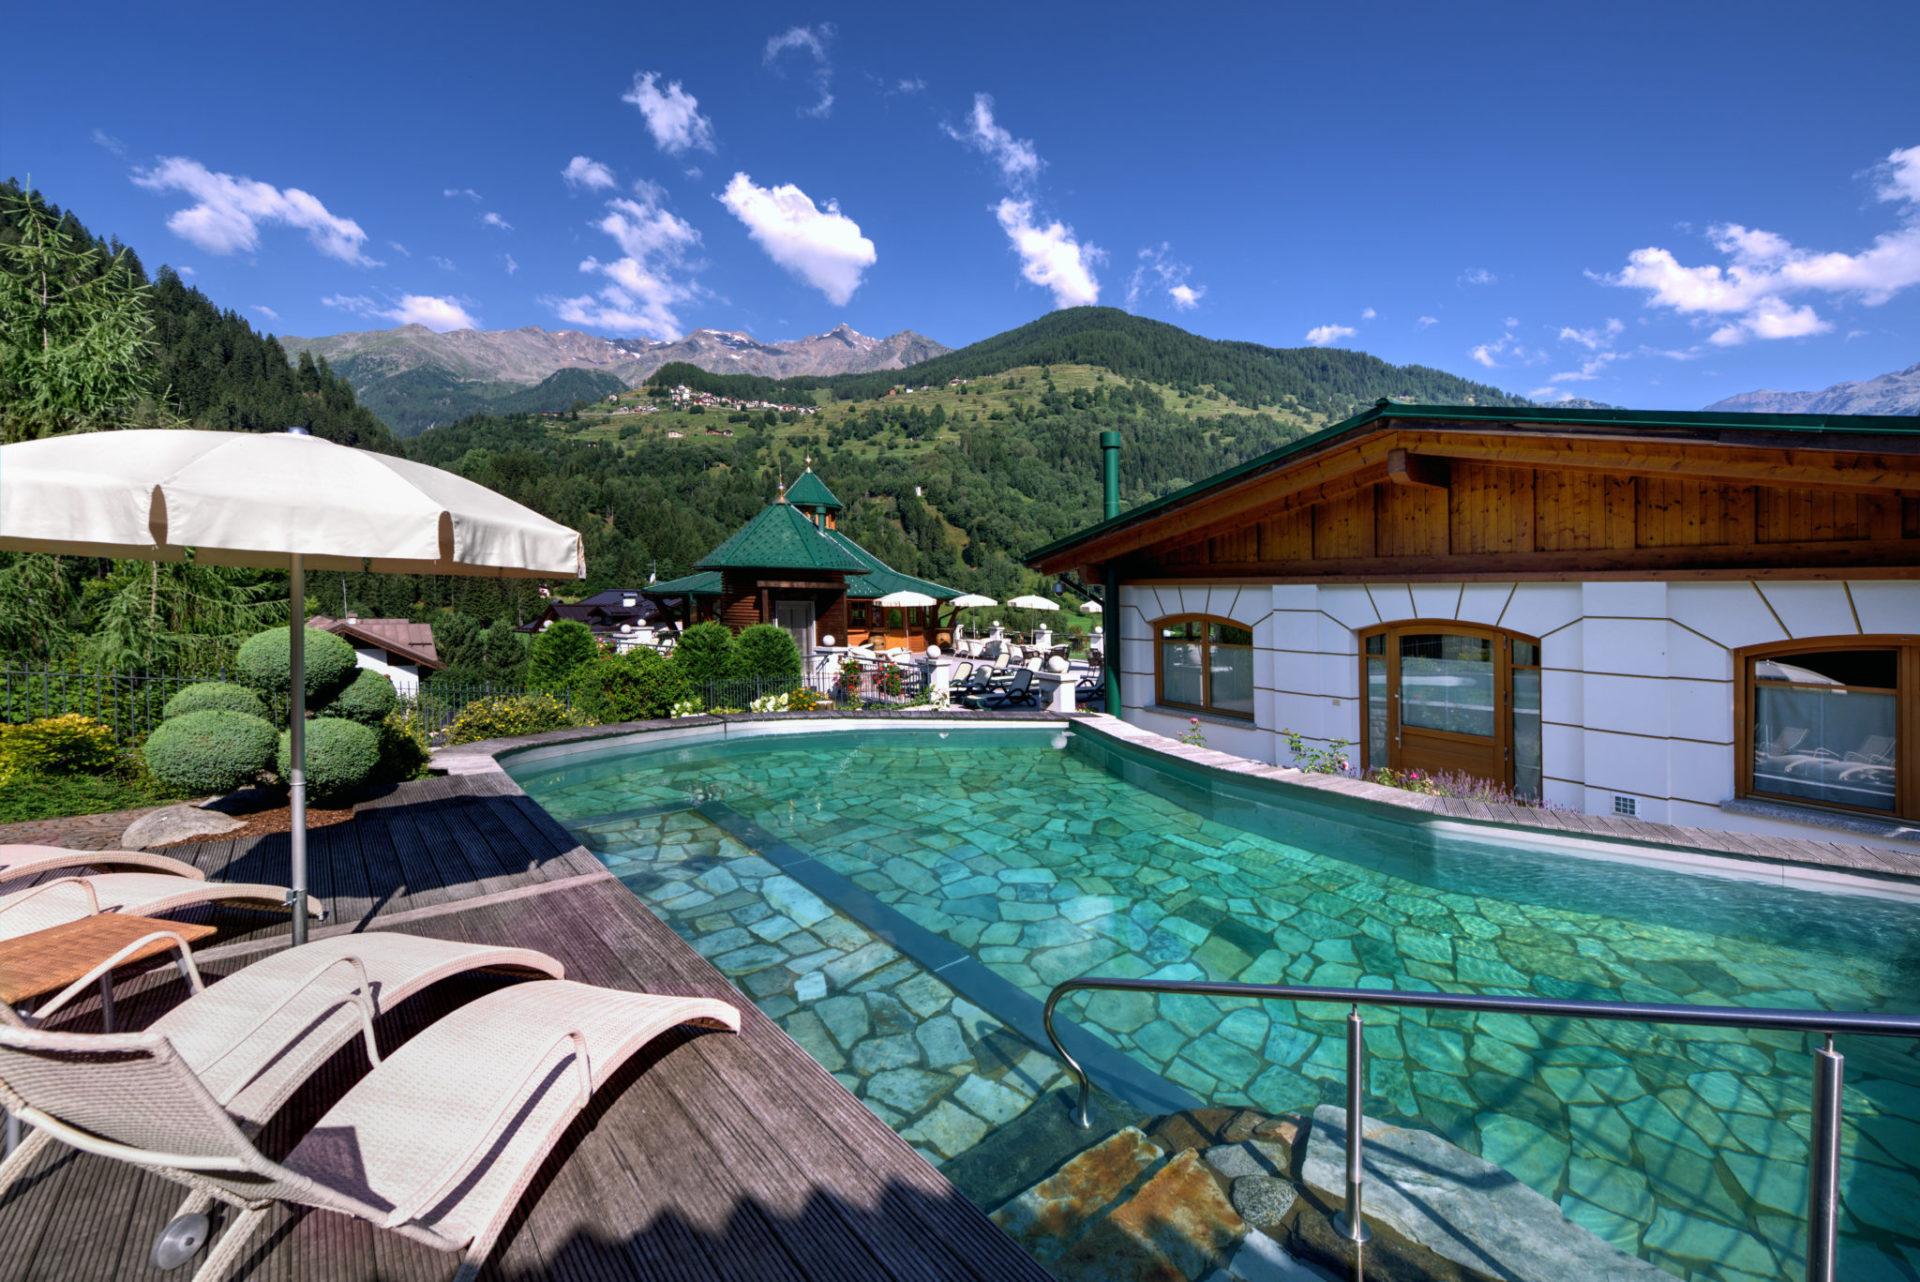 Immagine di testata per Esperienza di relax nel Parco Nazionale dello Stelvio